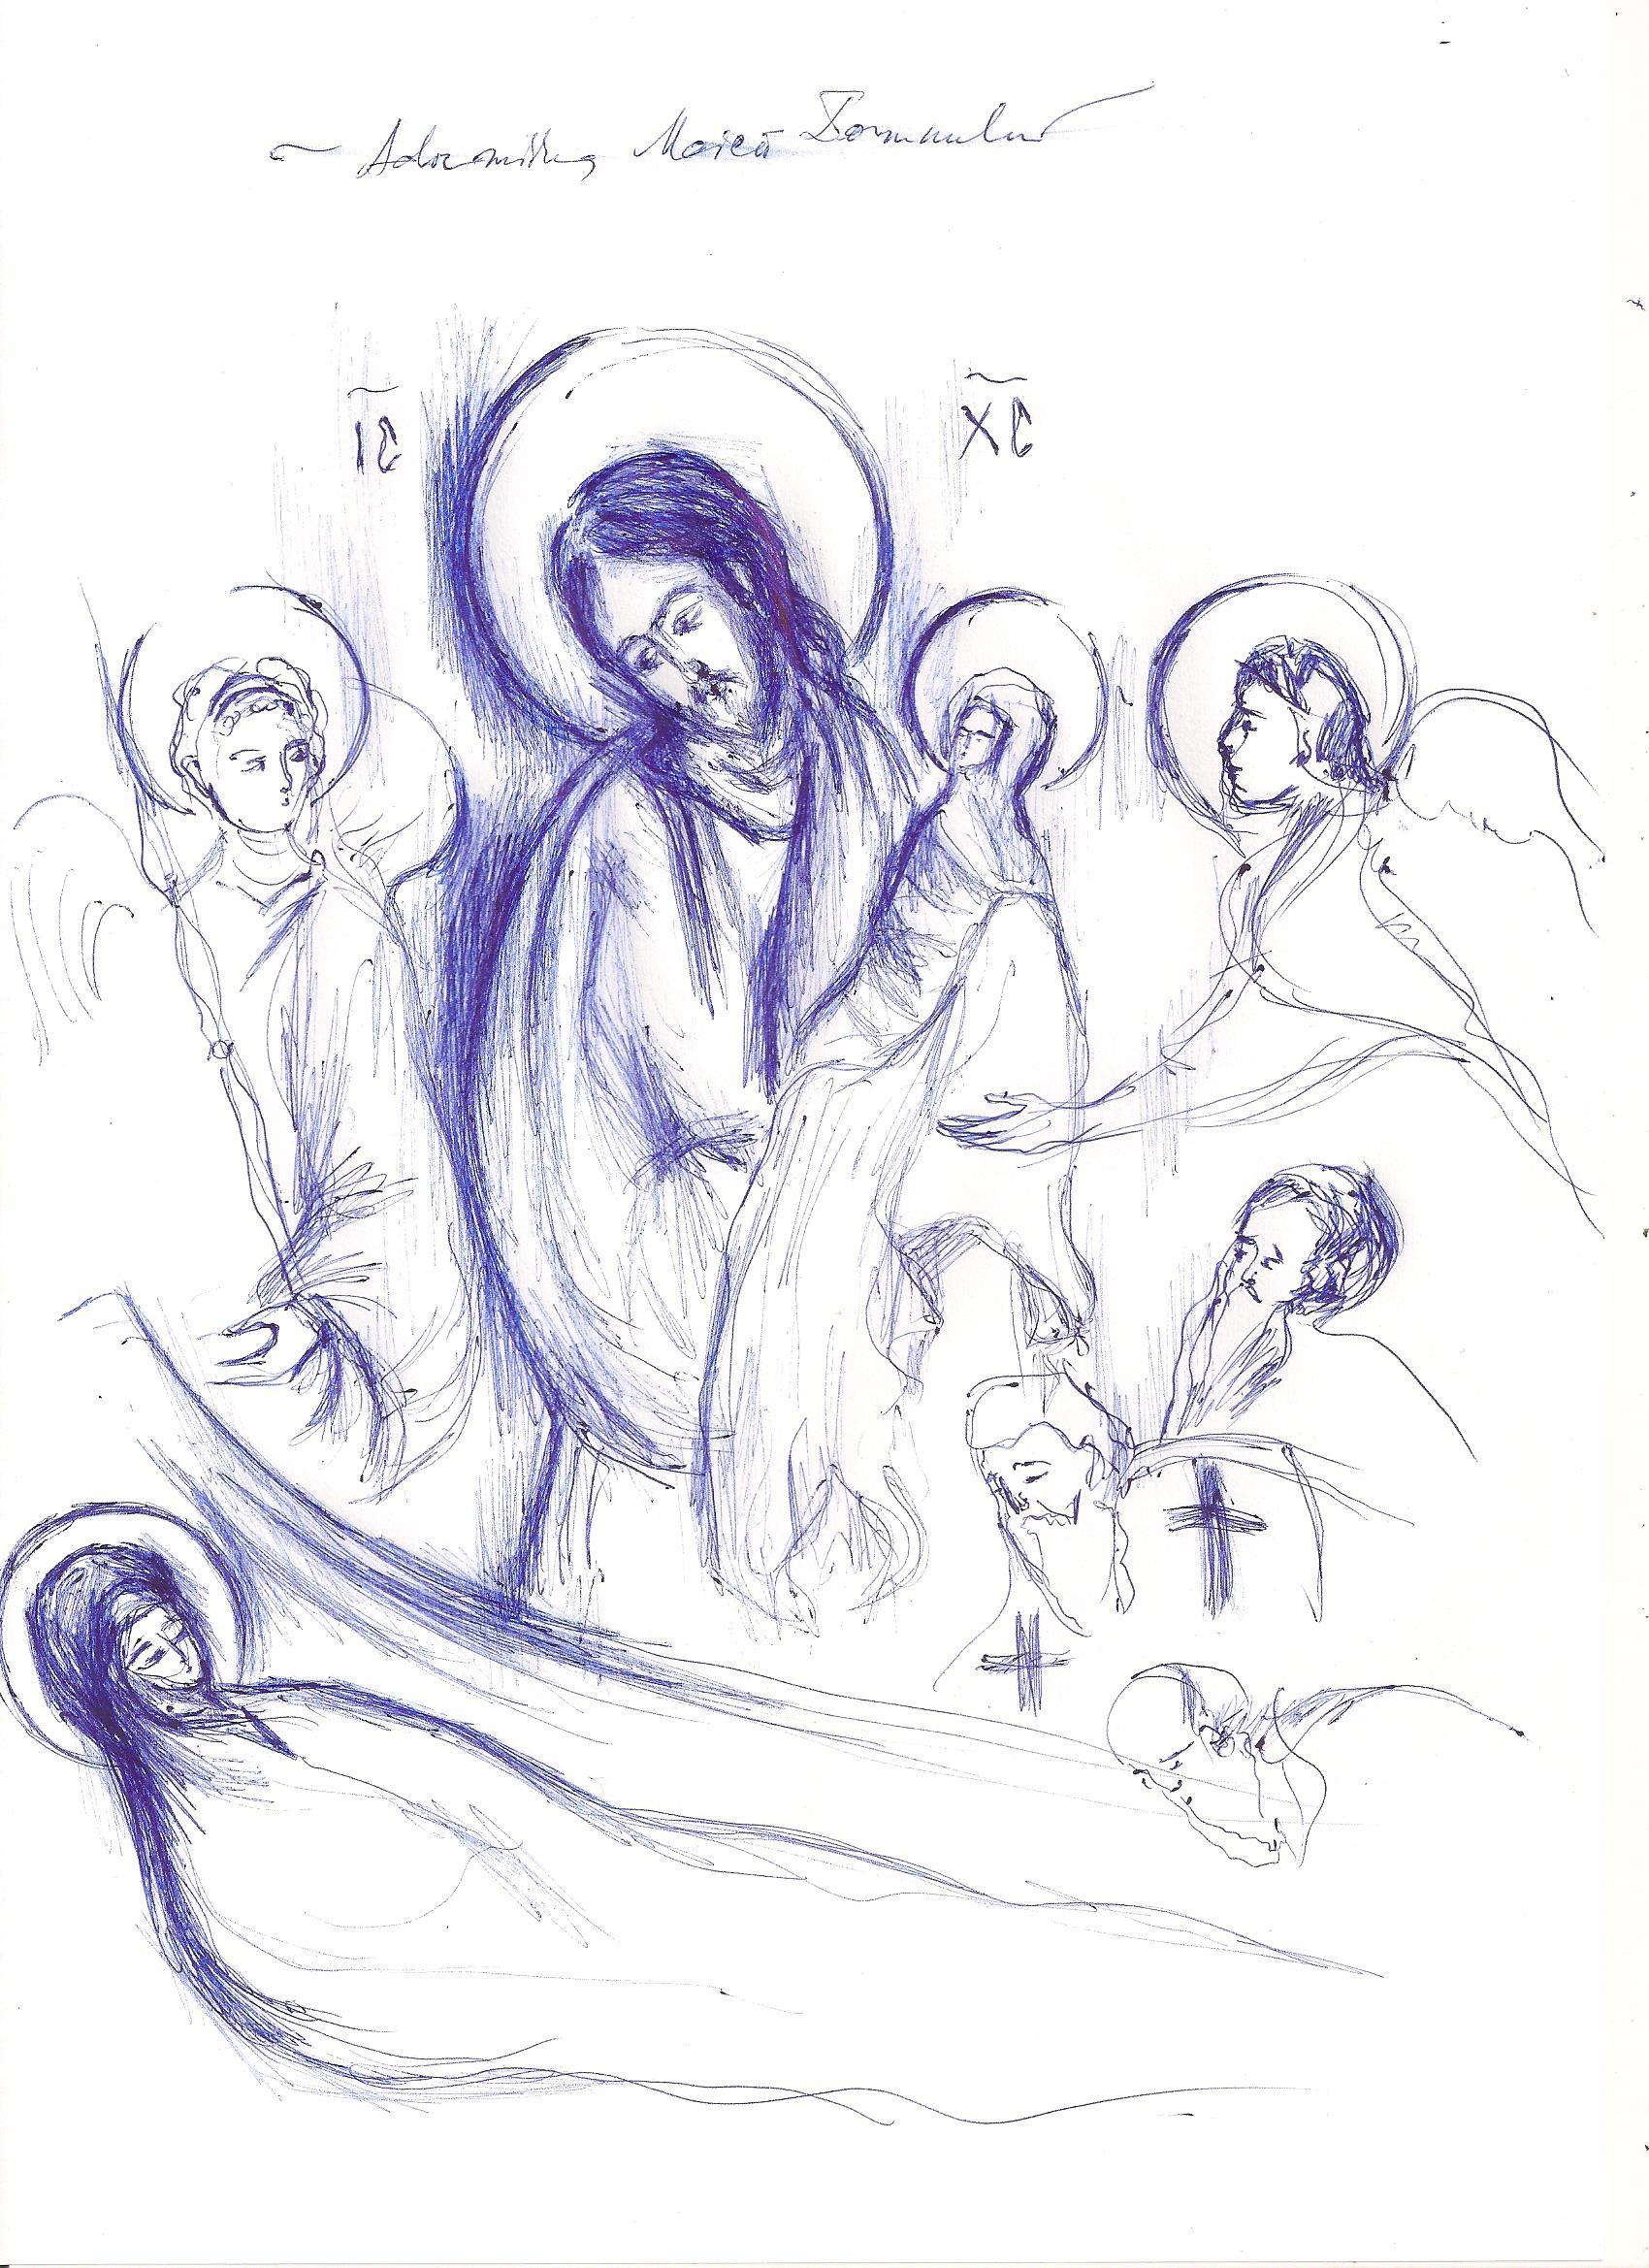 MAICA DOMNULUI, IZVORUL PACII SI AL BUCURIEI NOASTRE. Slujbele hramului Manastirii Putna si marturii ale credinciosilor (VIDEO). Predica Staretului TADEI la Adormirea Preasfintei Nascatoare de Dumnezeu: <i>&#8220;Ori de câte ori o căutăm din inimă pe Preasfânta Maică, ea este nelipsită. Ori de câte ori cădem către ea din inimă, ne este aproape ca să ne ajute. Ea este neîncetat și necontenit cu noi &#8211; dar noi o uităm&#8221;</i>